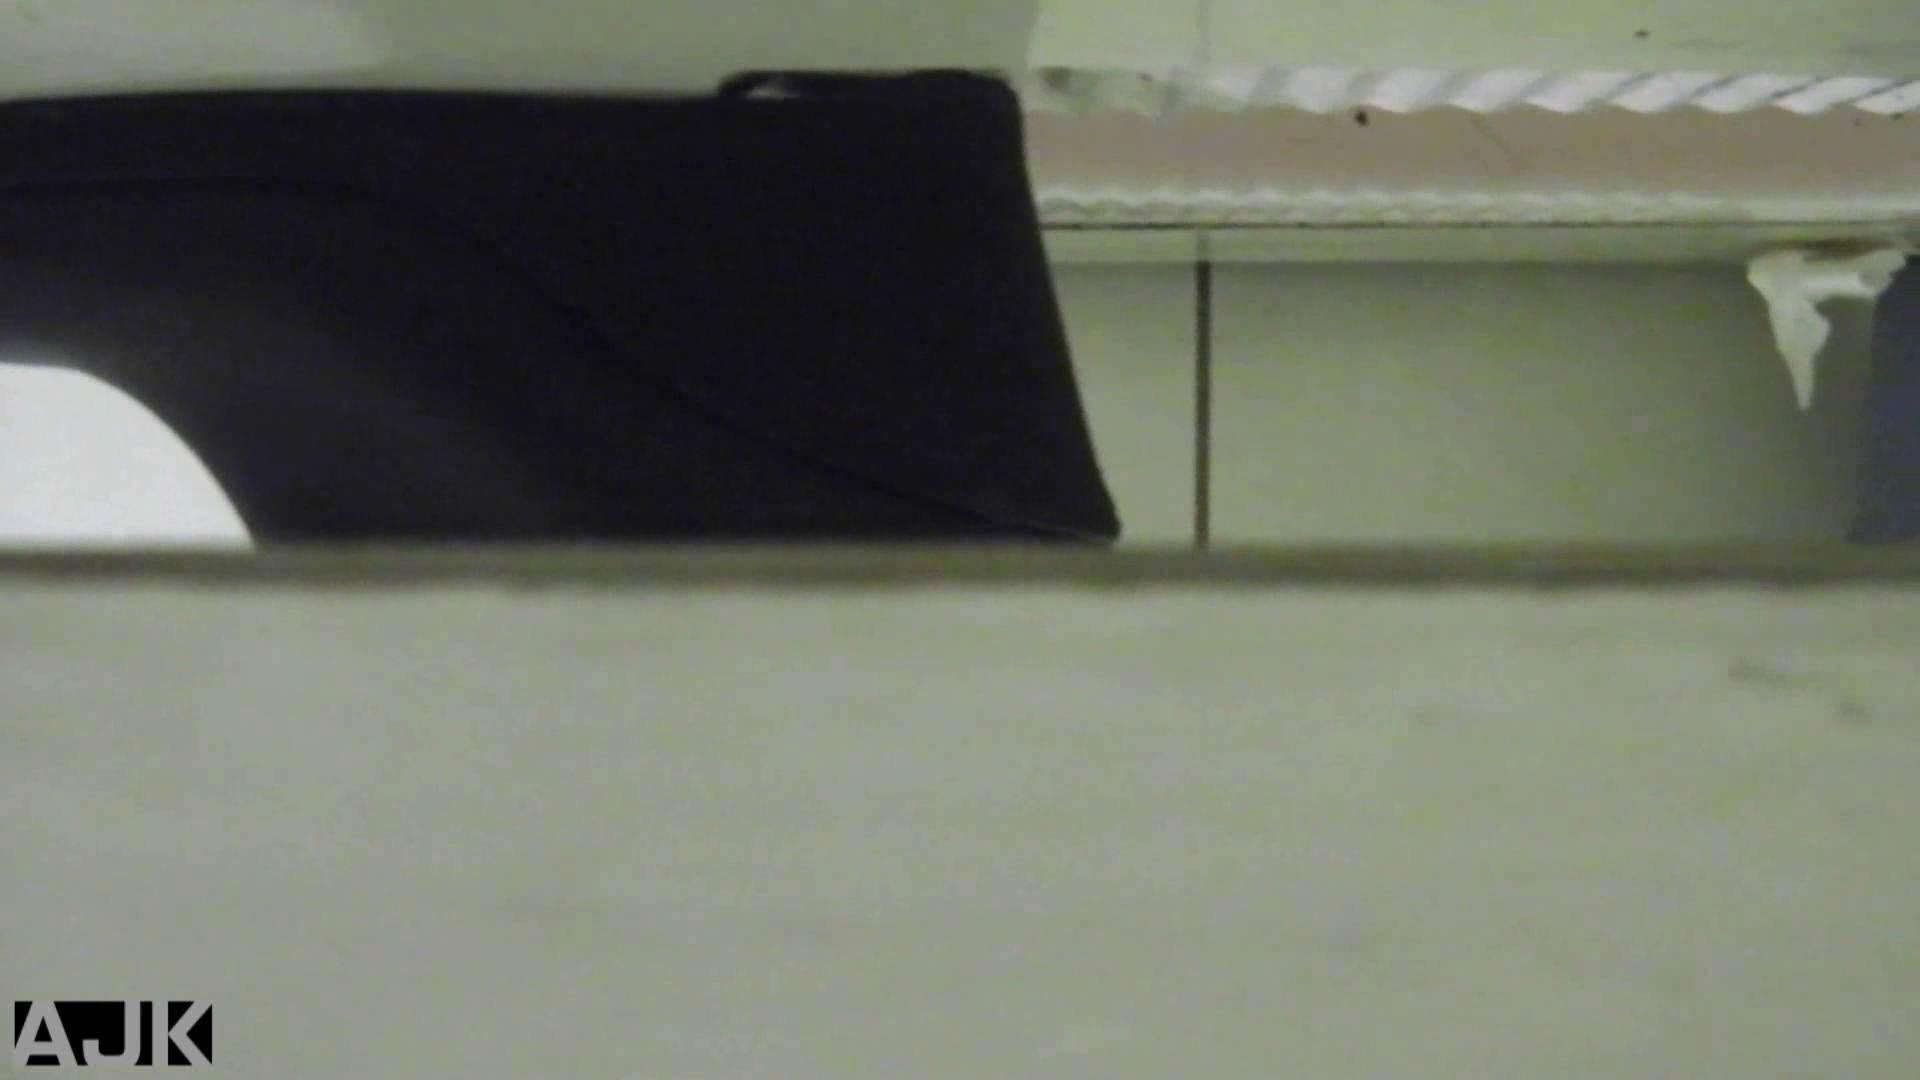 隣国上階級エリアの令嬢たちが集うデパートお手洗い Vol.27 OLの実態  35pic 10